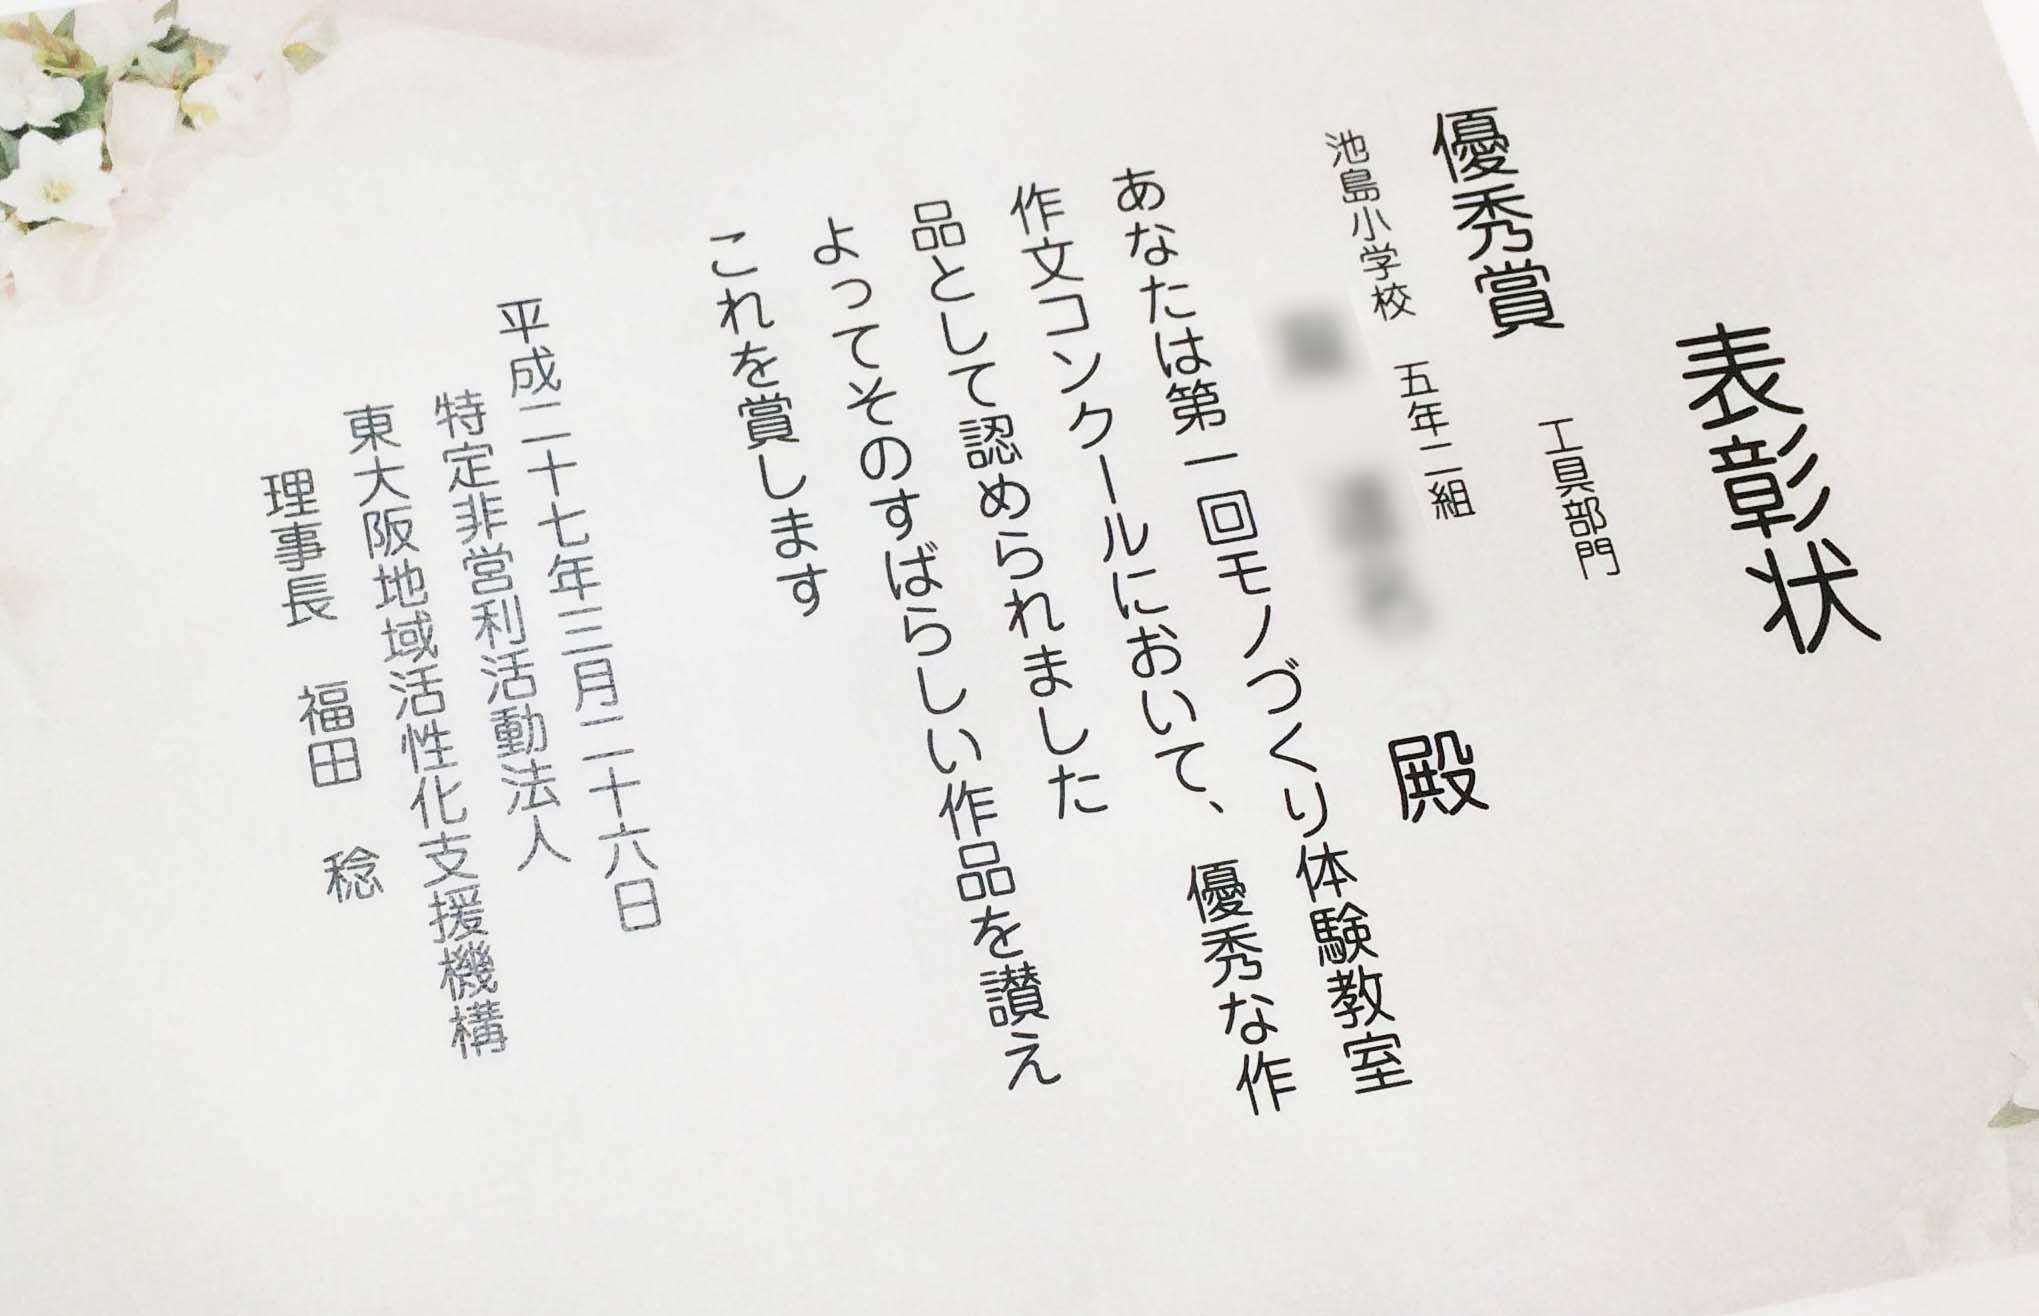 3/26(木)モノ作り体験教室 作文コンクール 表彰式を行います